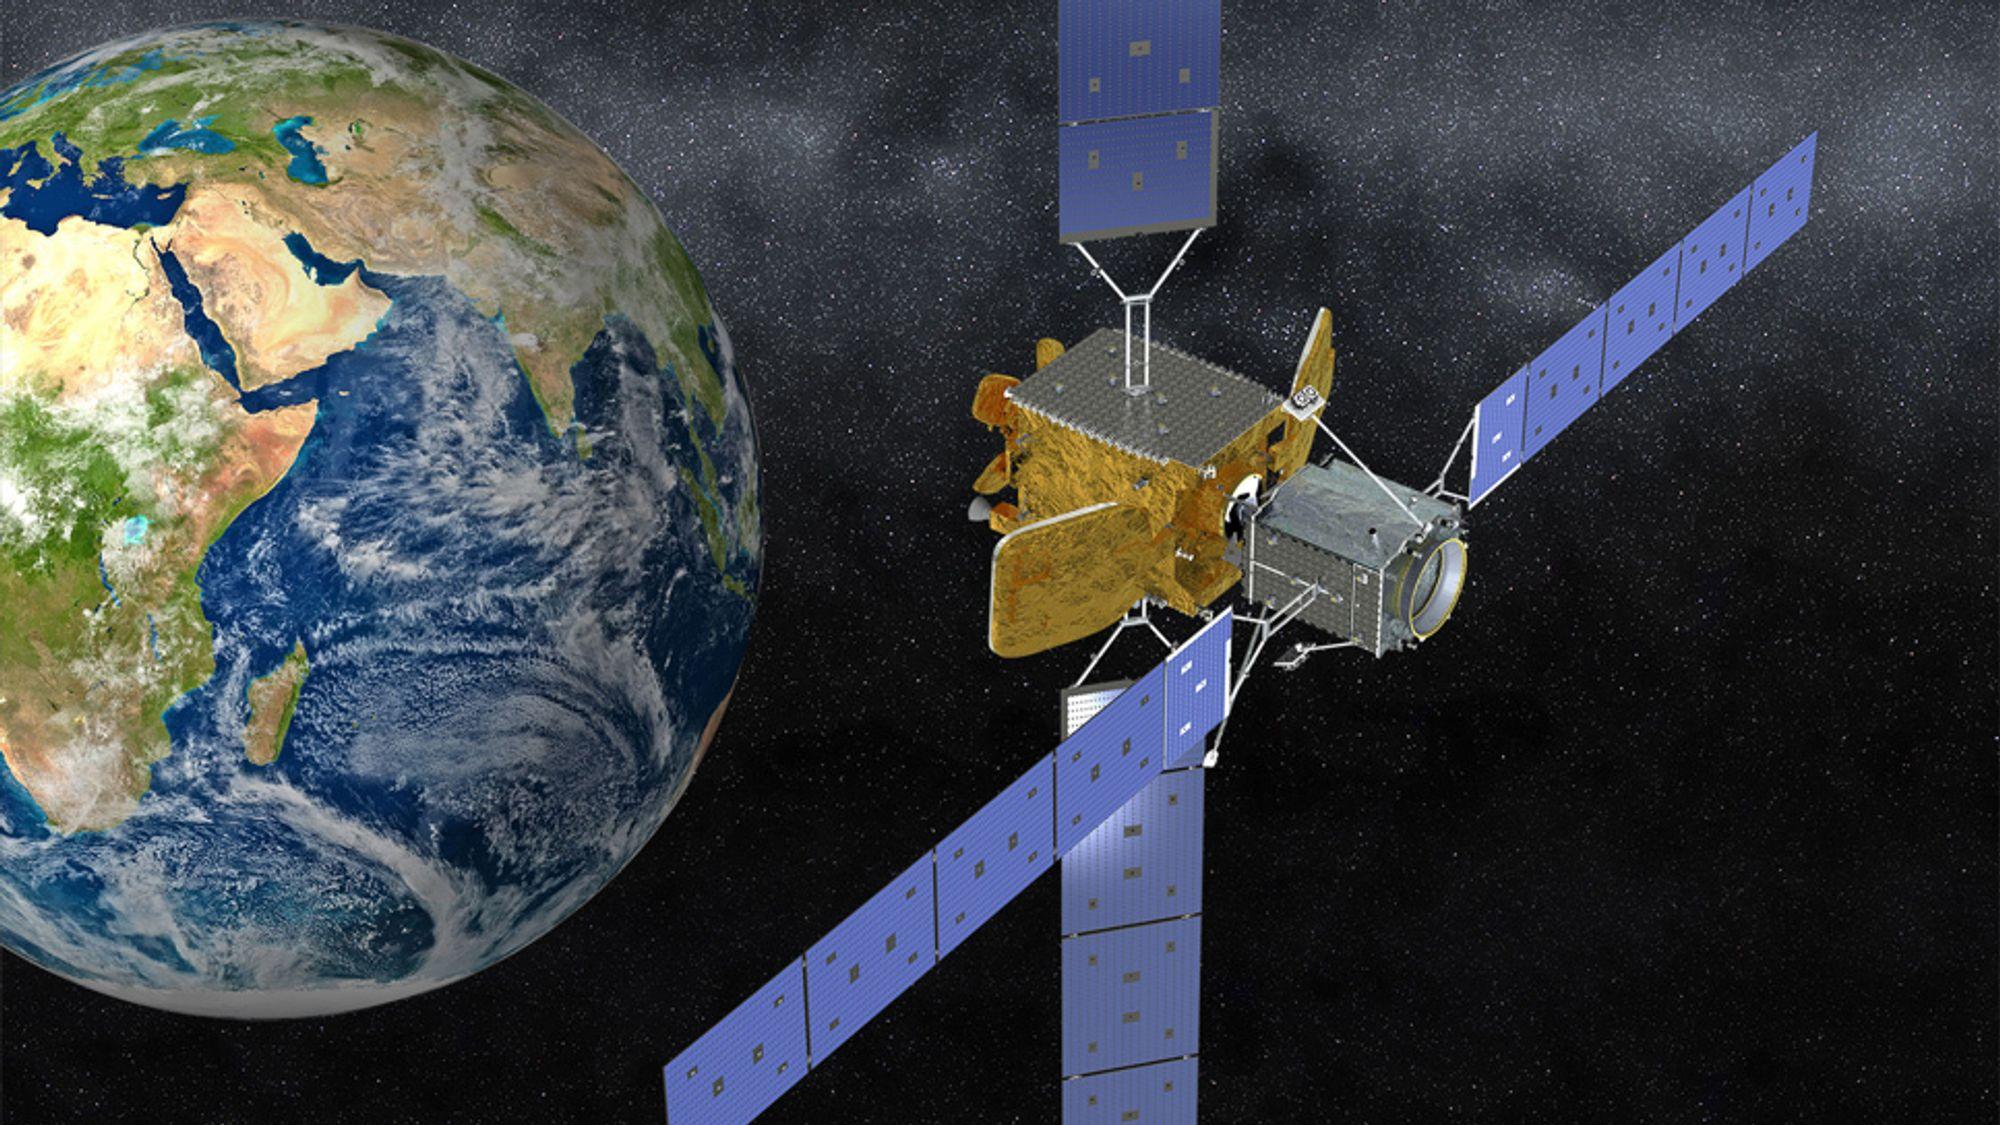 I rommet: Illustrasjonen av Intelsat 10-02 koblet til MEV-2, der MEV er den grå boksen i forgrunnen som vender bort fra jorden.